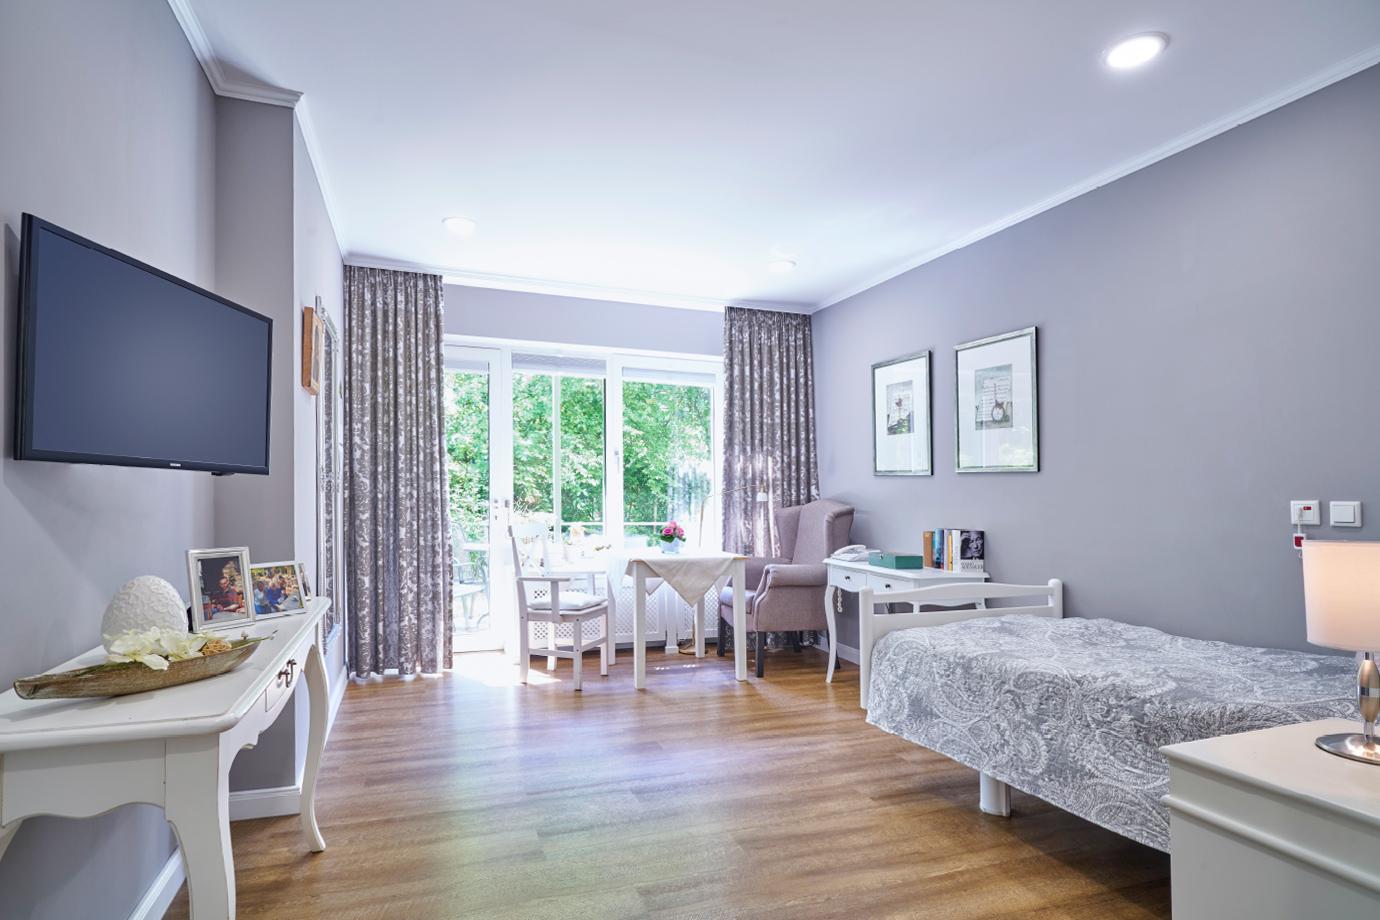 Pflege-Wohnen   Pflege-Apartment mit Terrasse